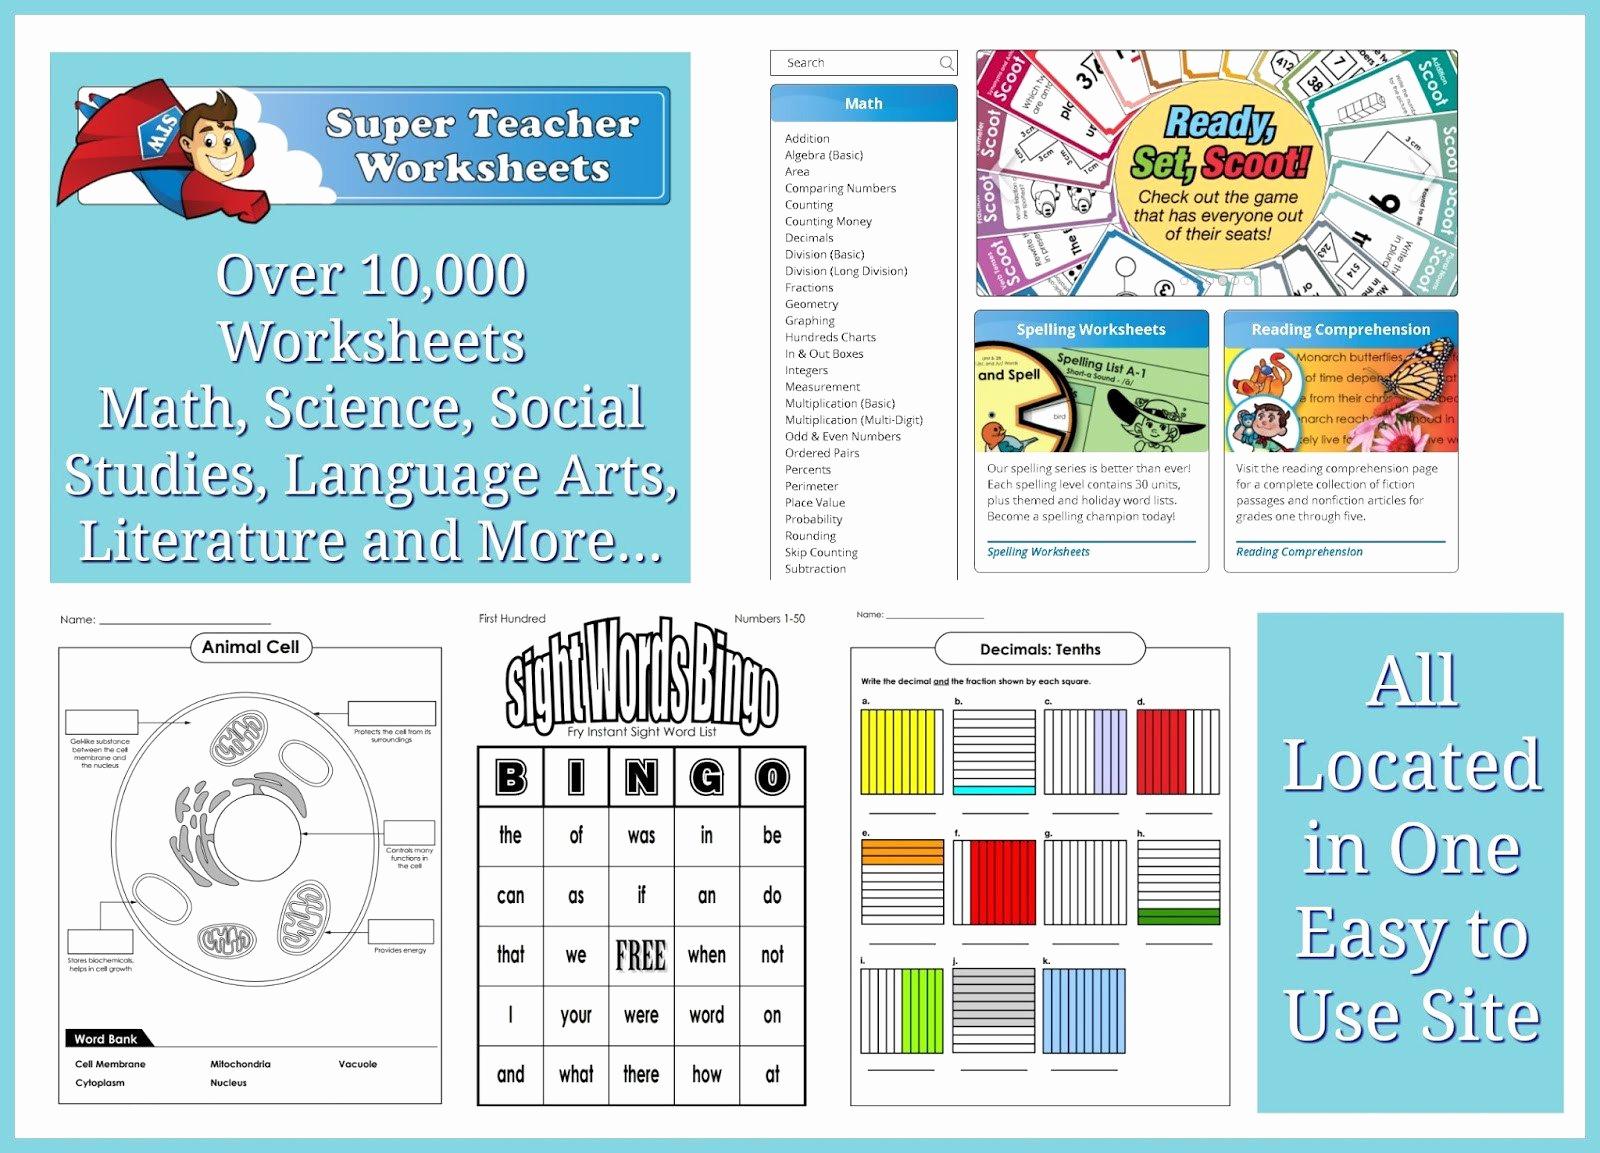 Superteacher Worksheets Login Elegant 20 Super Teachers Worksheets Login